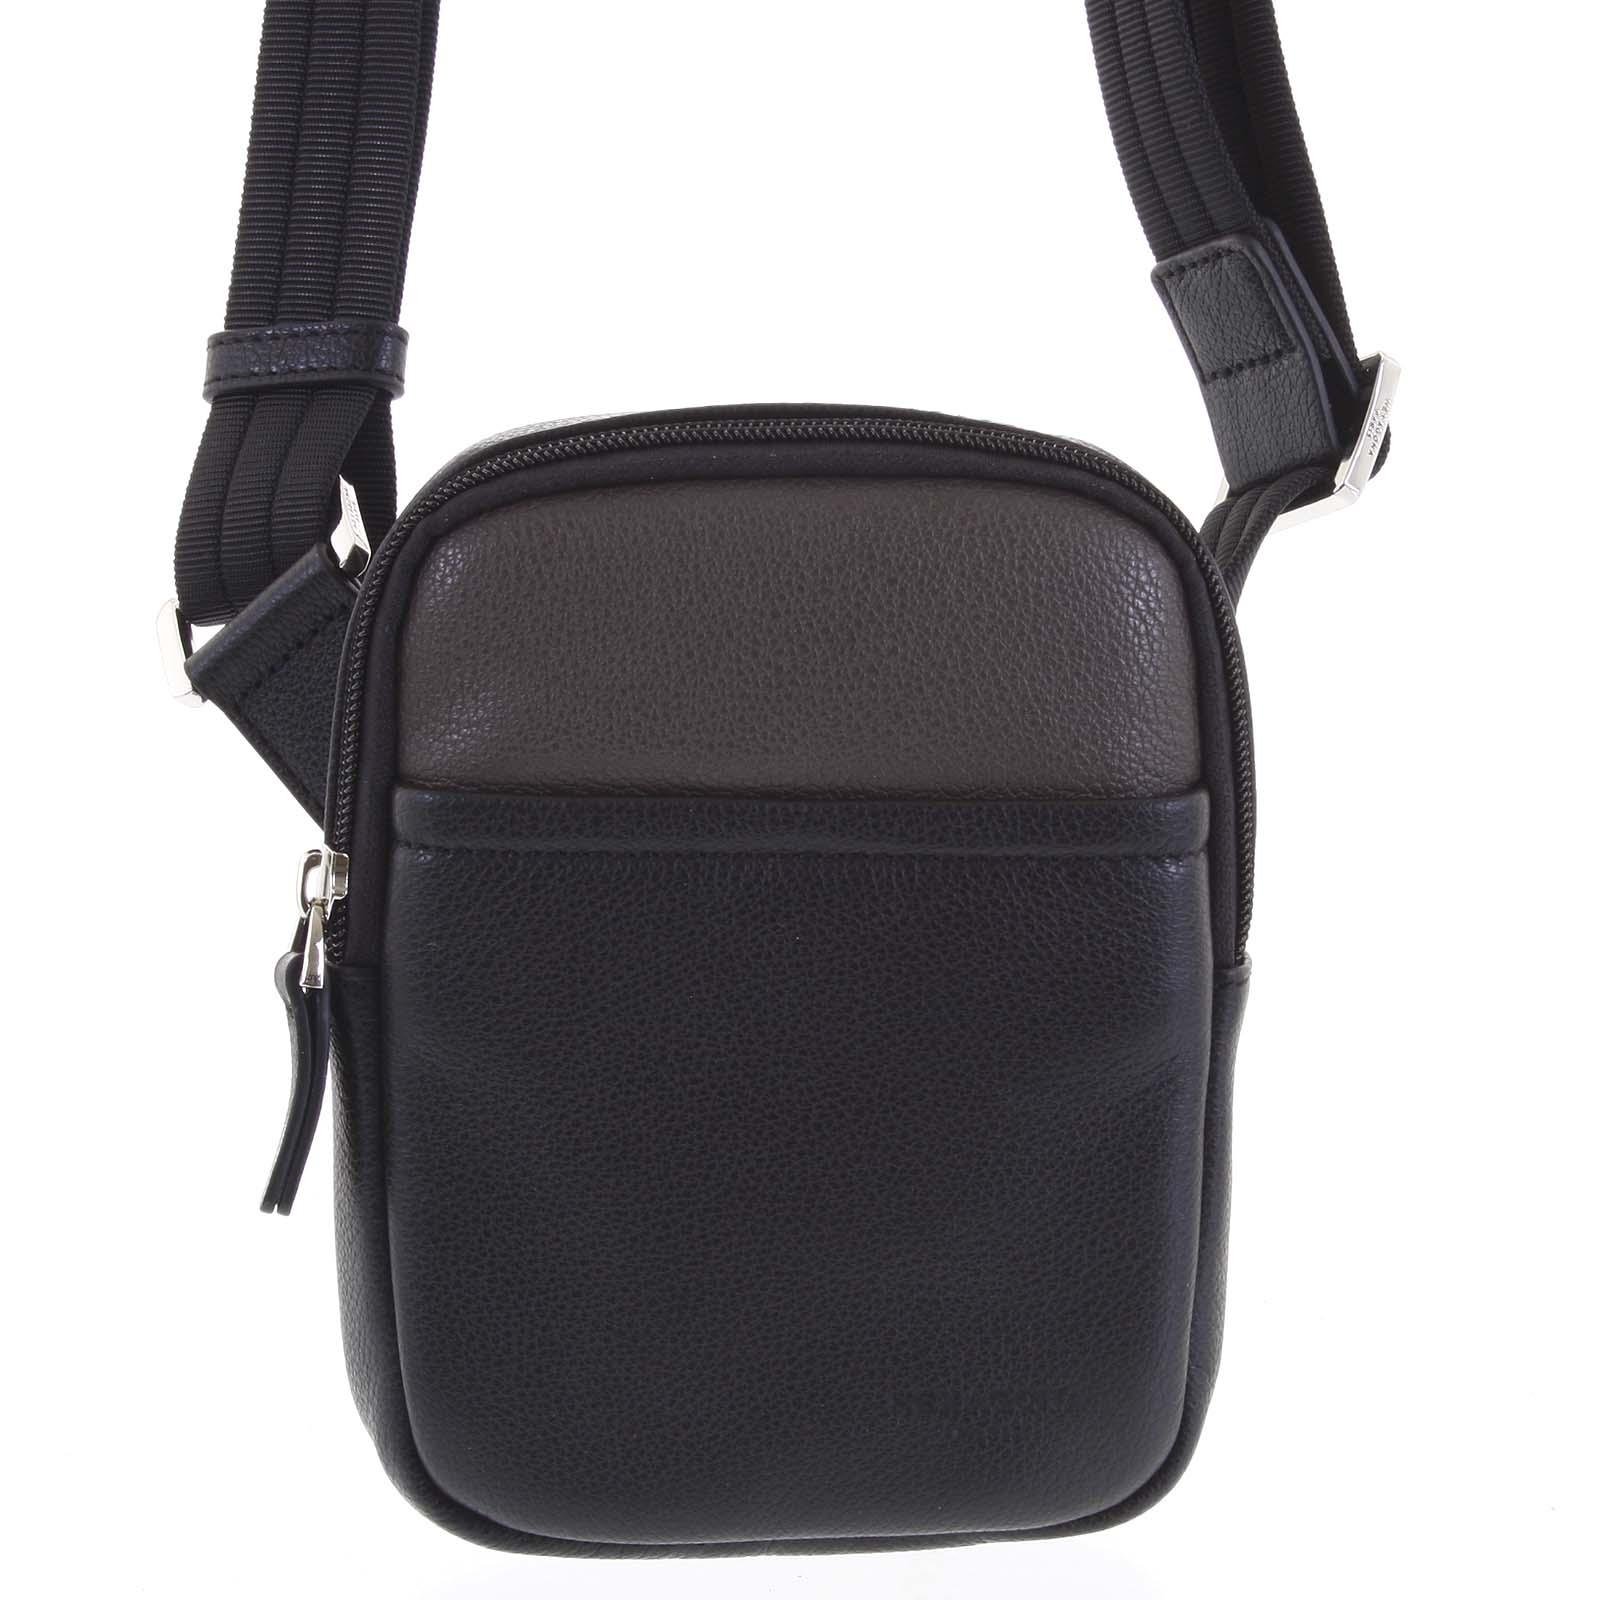 Pánská kožená taška na doklady černá taupe - Hexagona Monday taupe